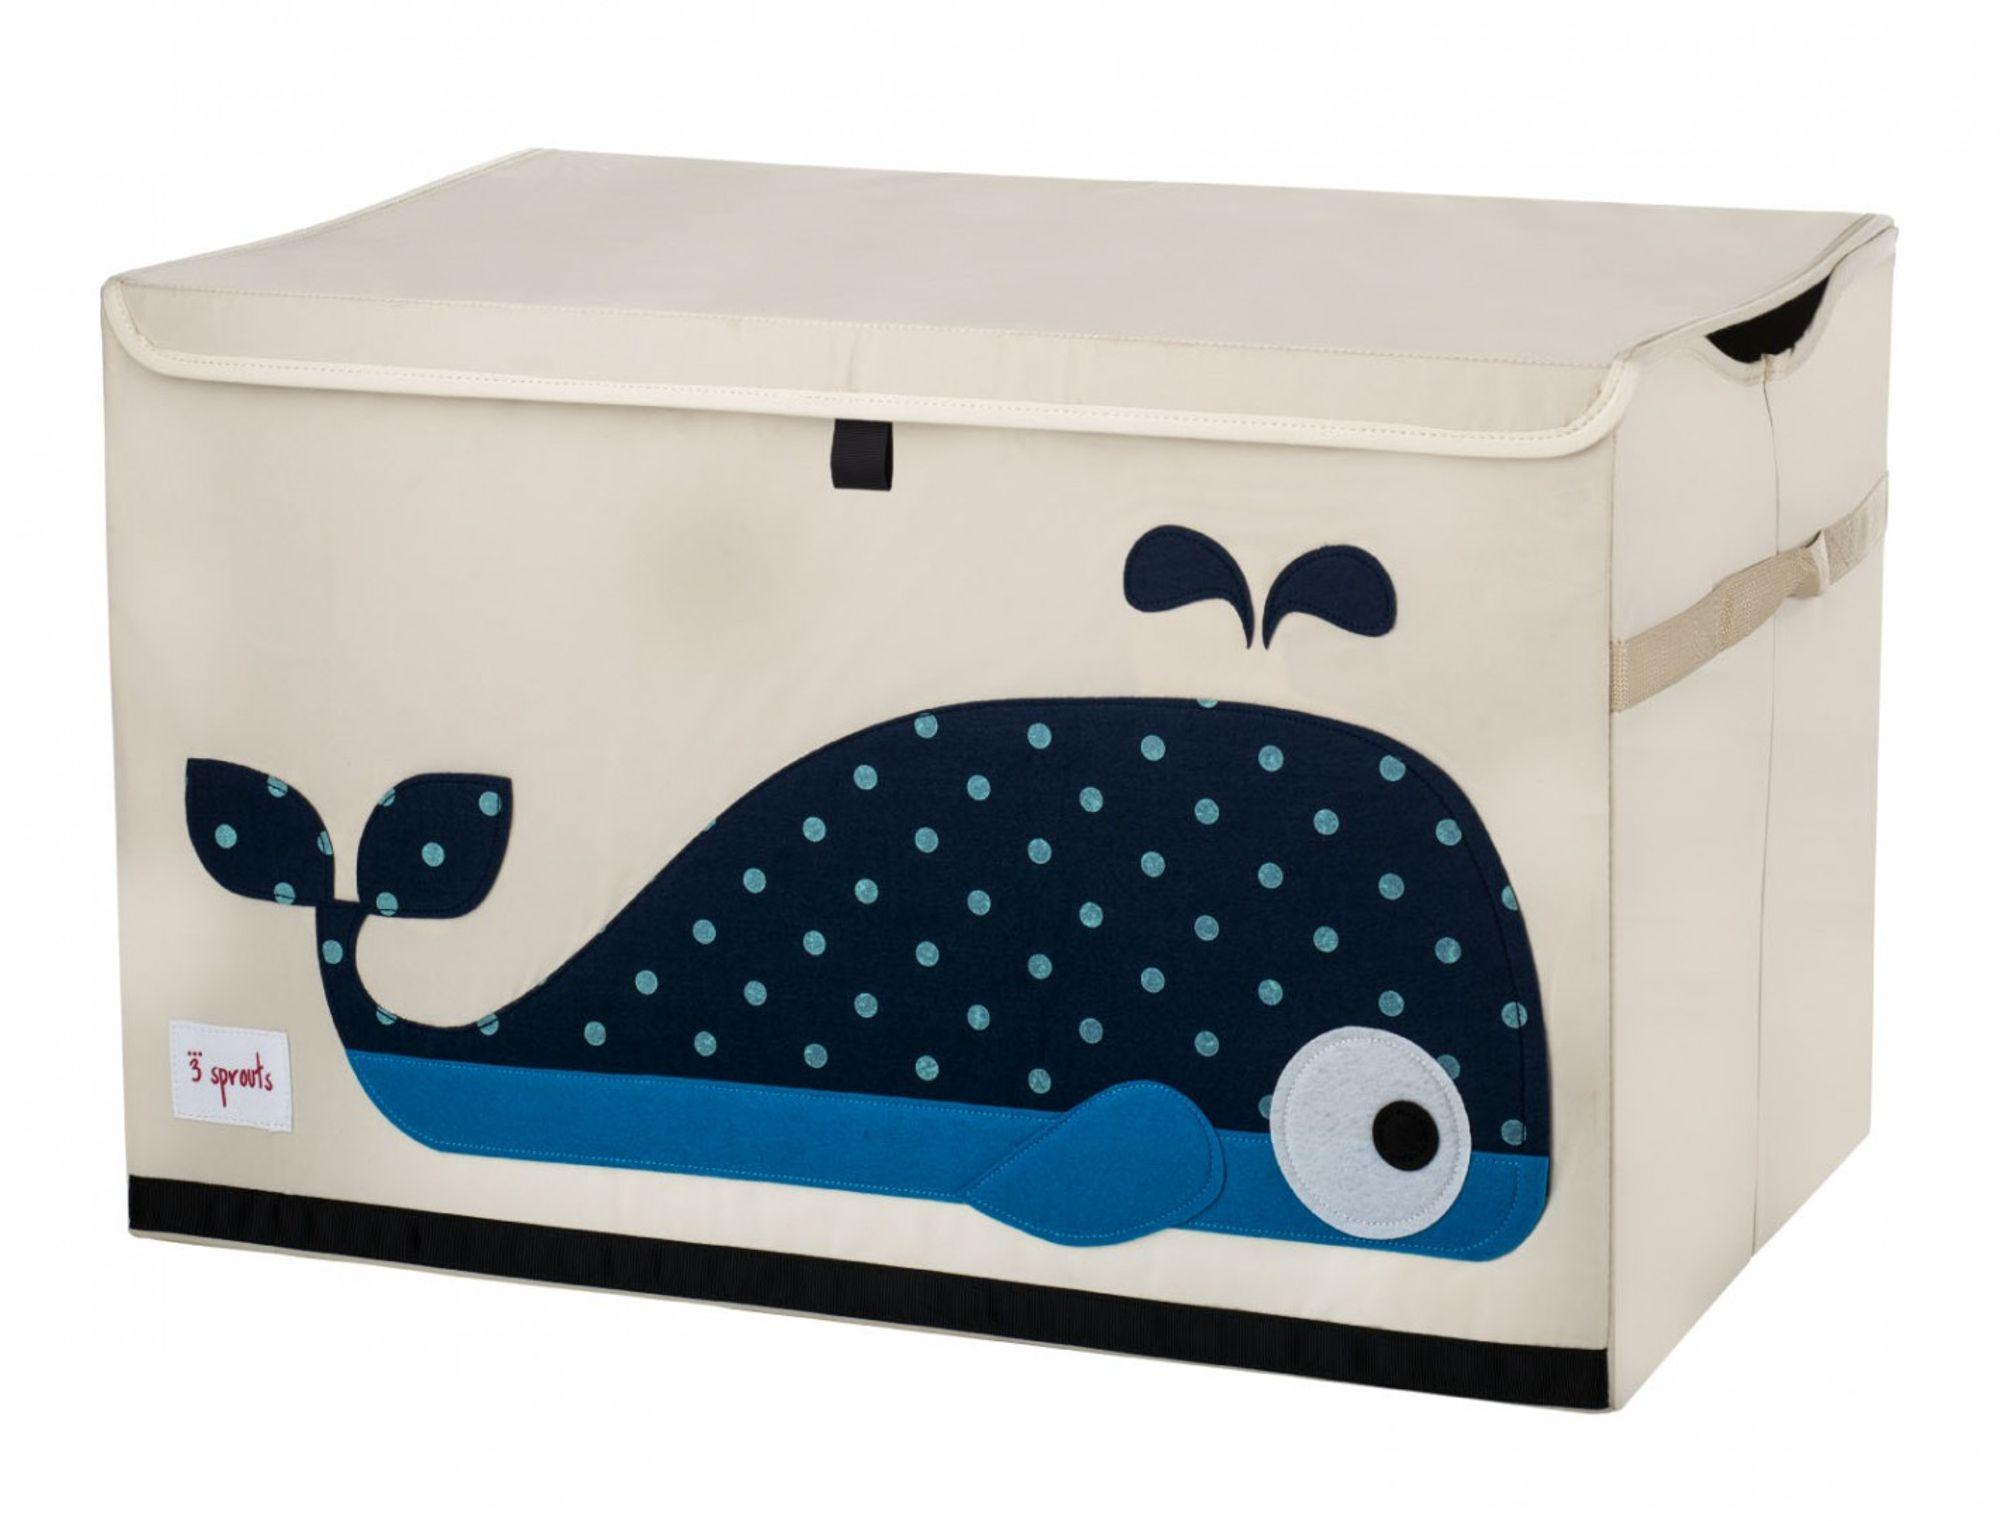 BioKinder | Aufbewahrungskiste Ordnungsbox mit Deckel Wal, 3 Sprouts